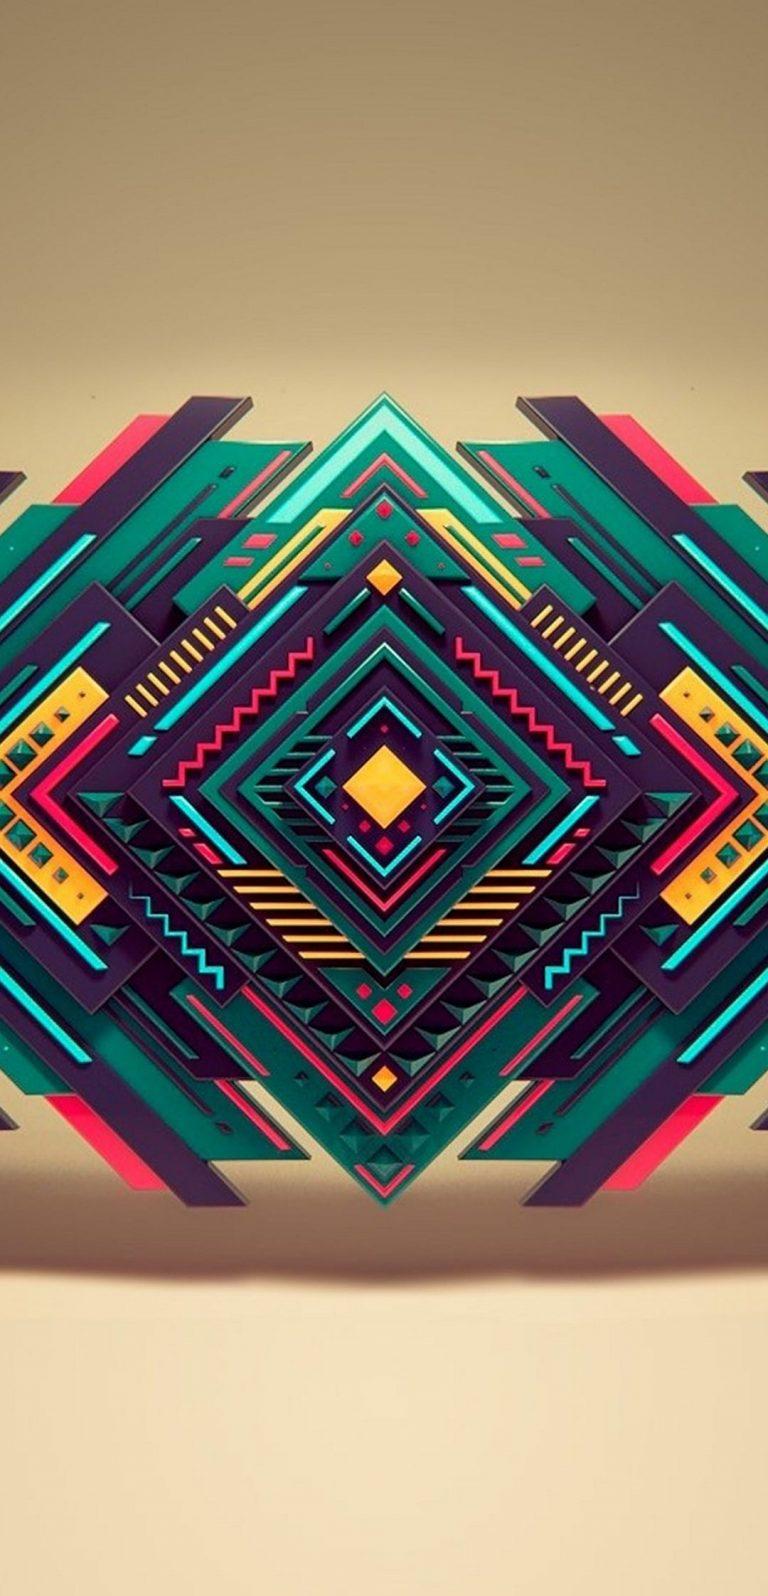 1080x2244 Wallpaper 135 768x1596